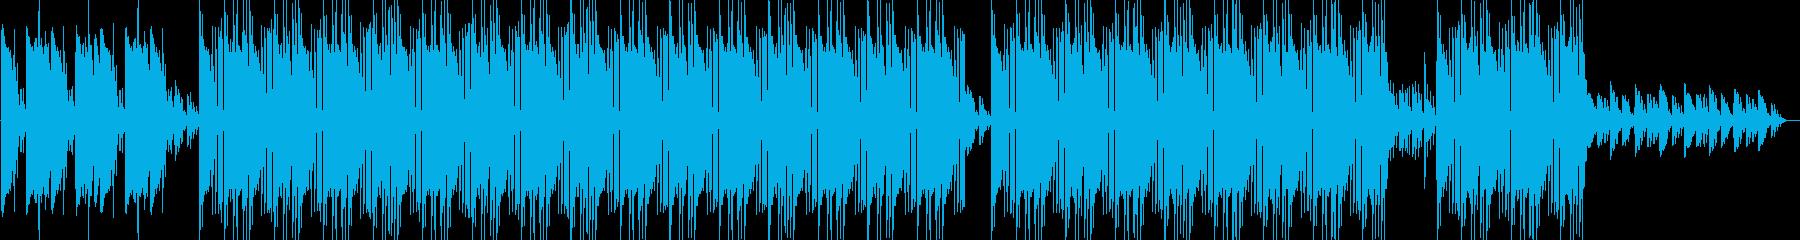 和風 ヒップホップ ビート 登場 ギターの再生済みの波形